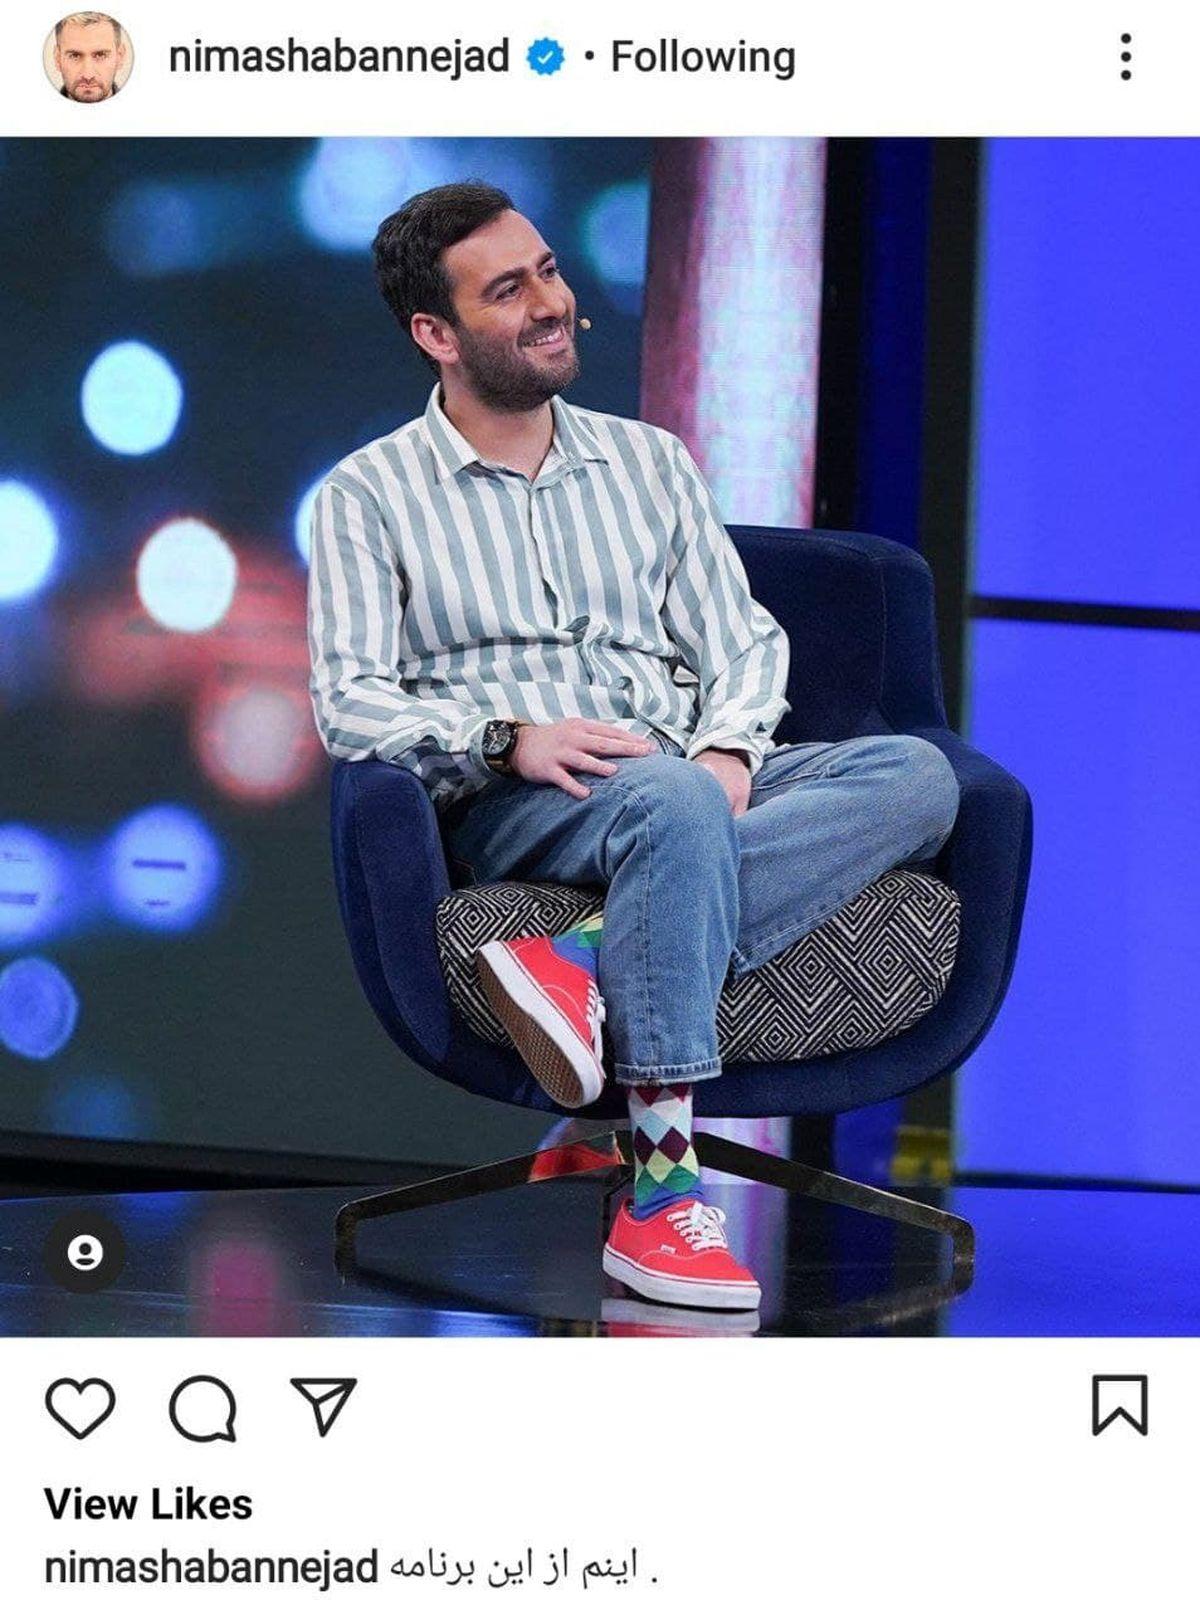 جوراب های نیما شعبان نژاد سوژه شد +عکس